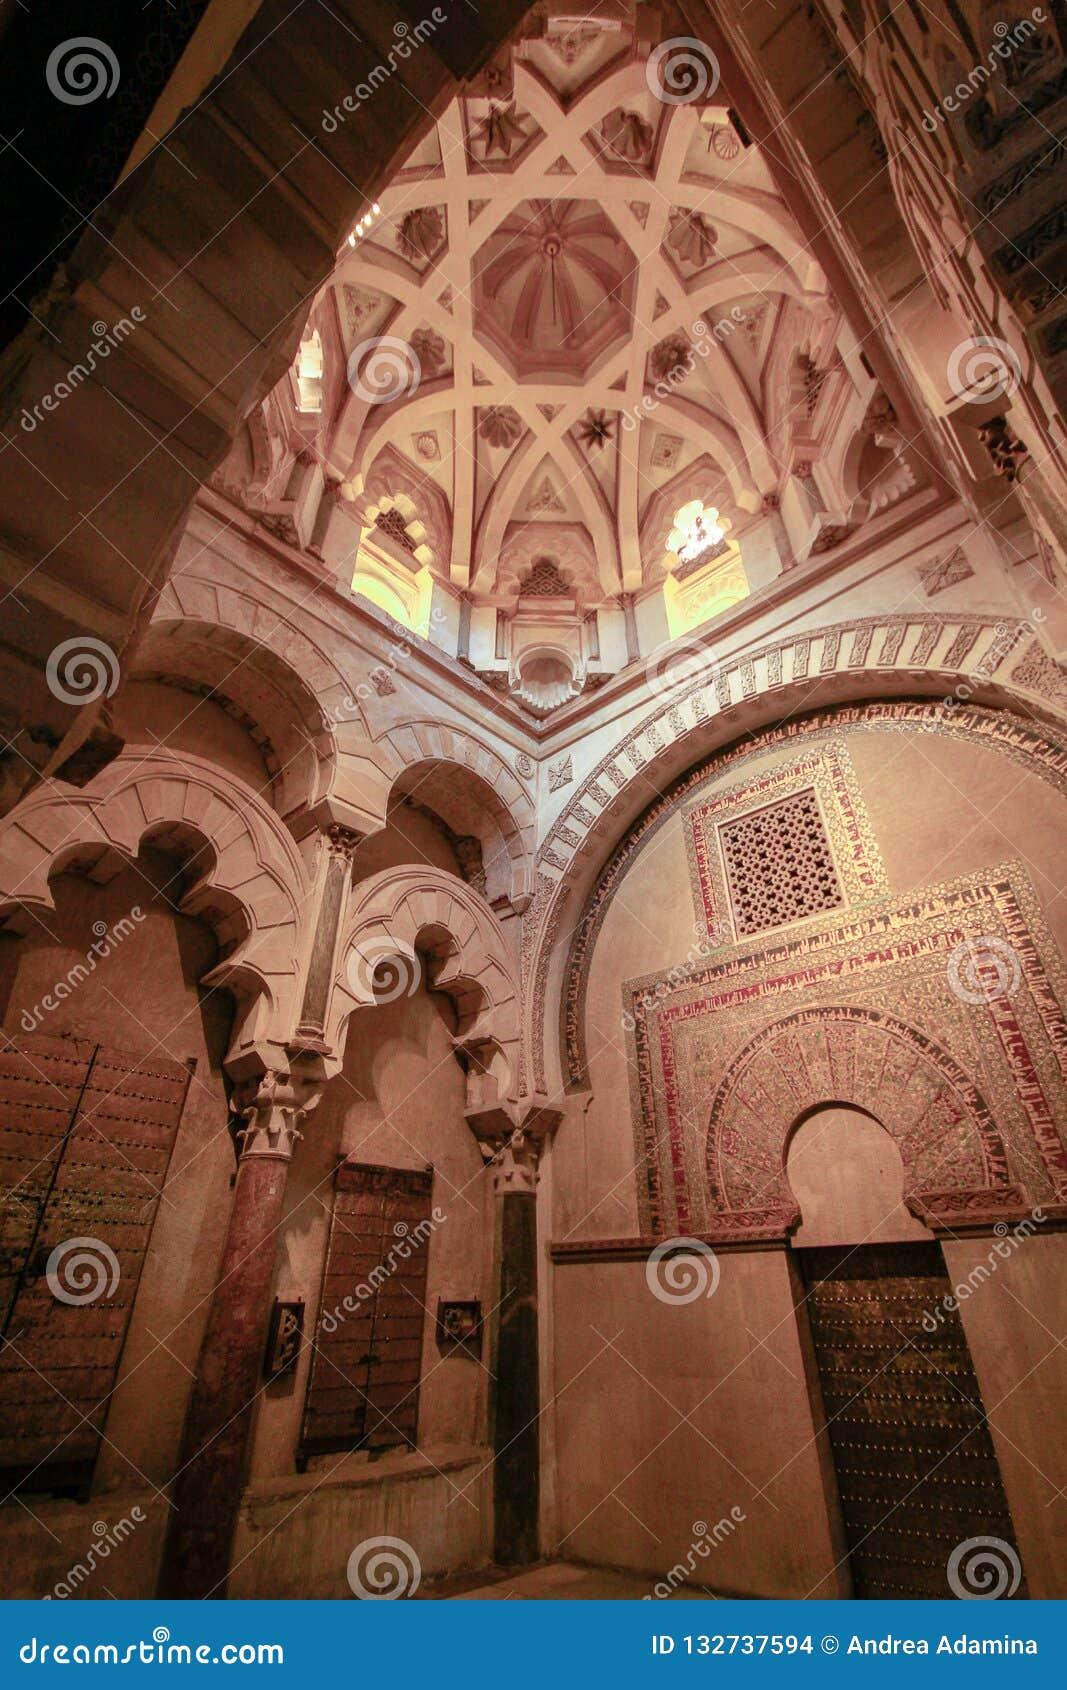 The interior of the chapel of Villaviciosa in Mesquite mosque mezquita in Cordoba. Spain Andalucia